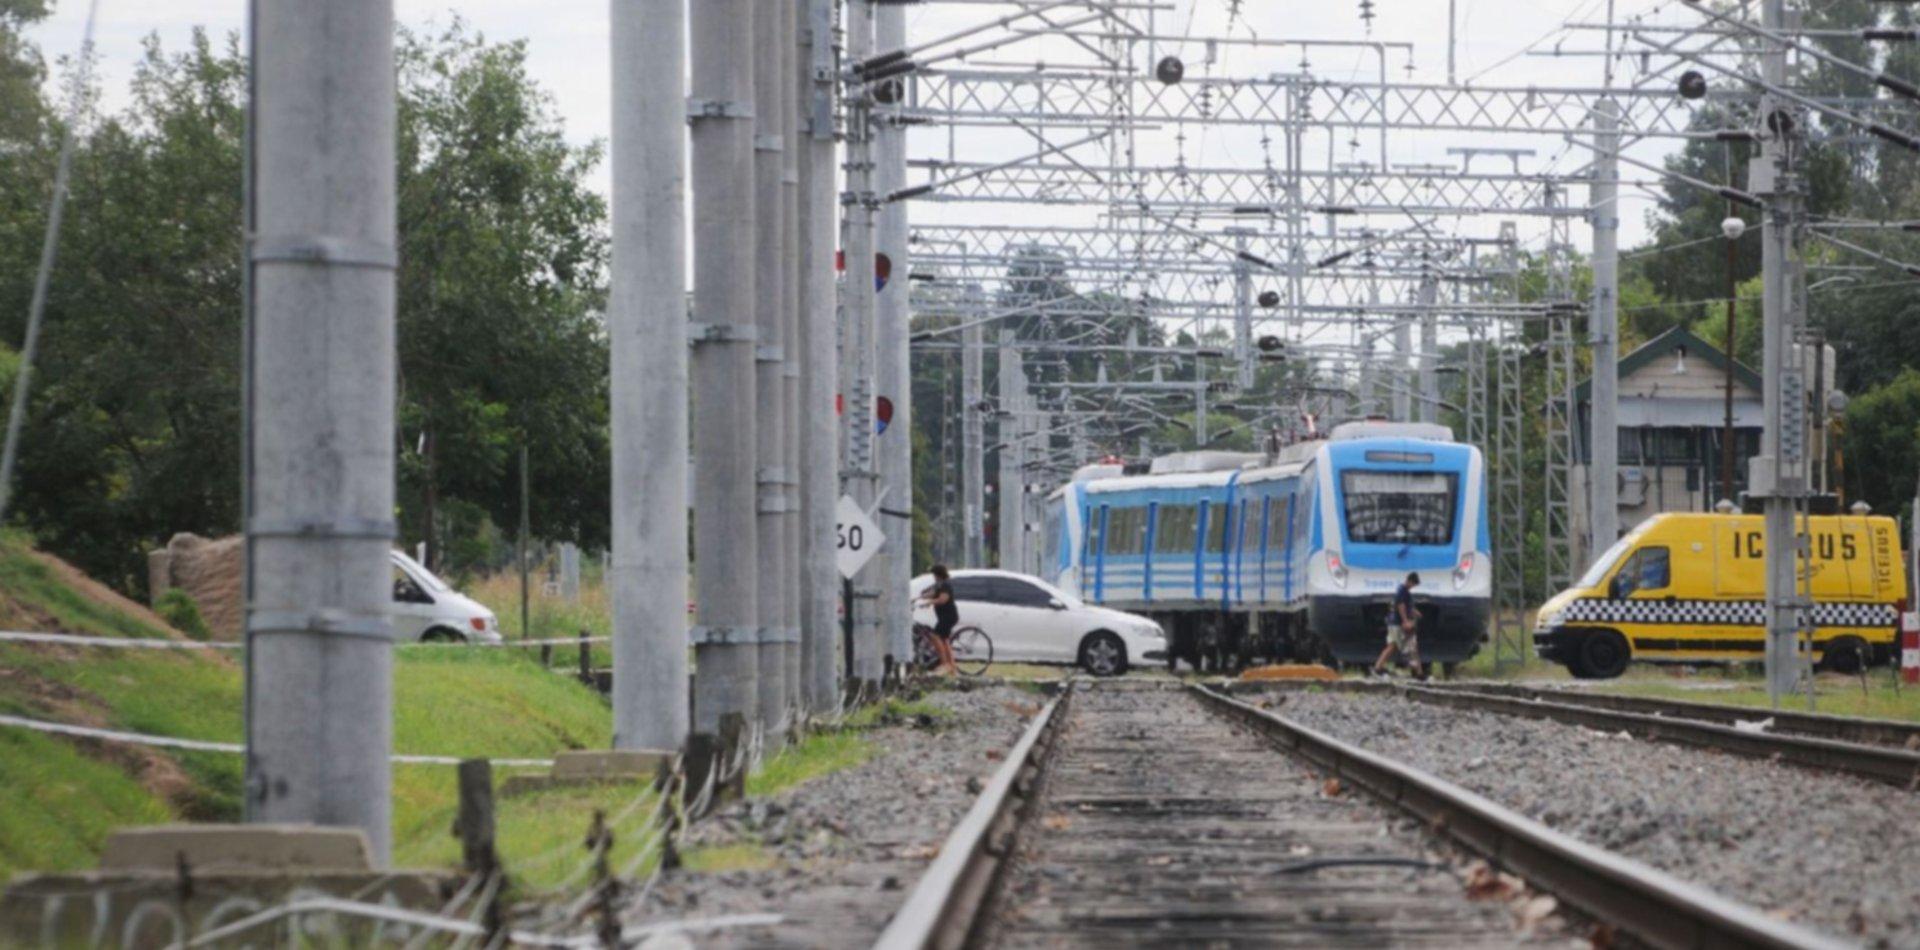 Murió el joven que viajaba en el techo del Tren Roca y se electrocutó